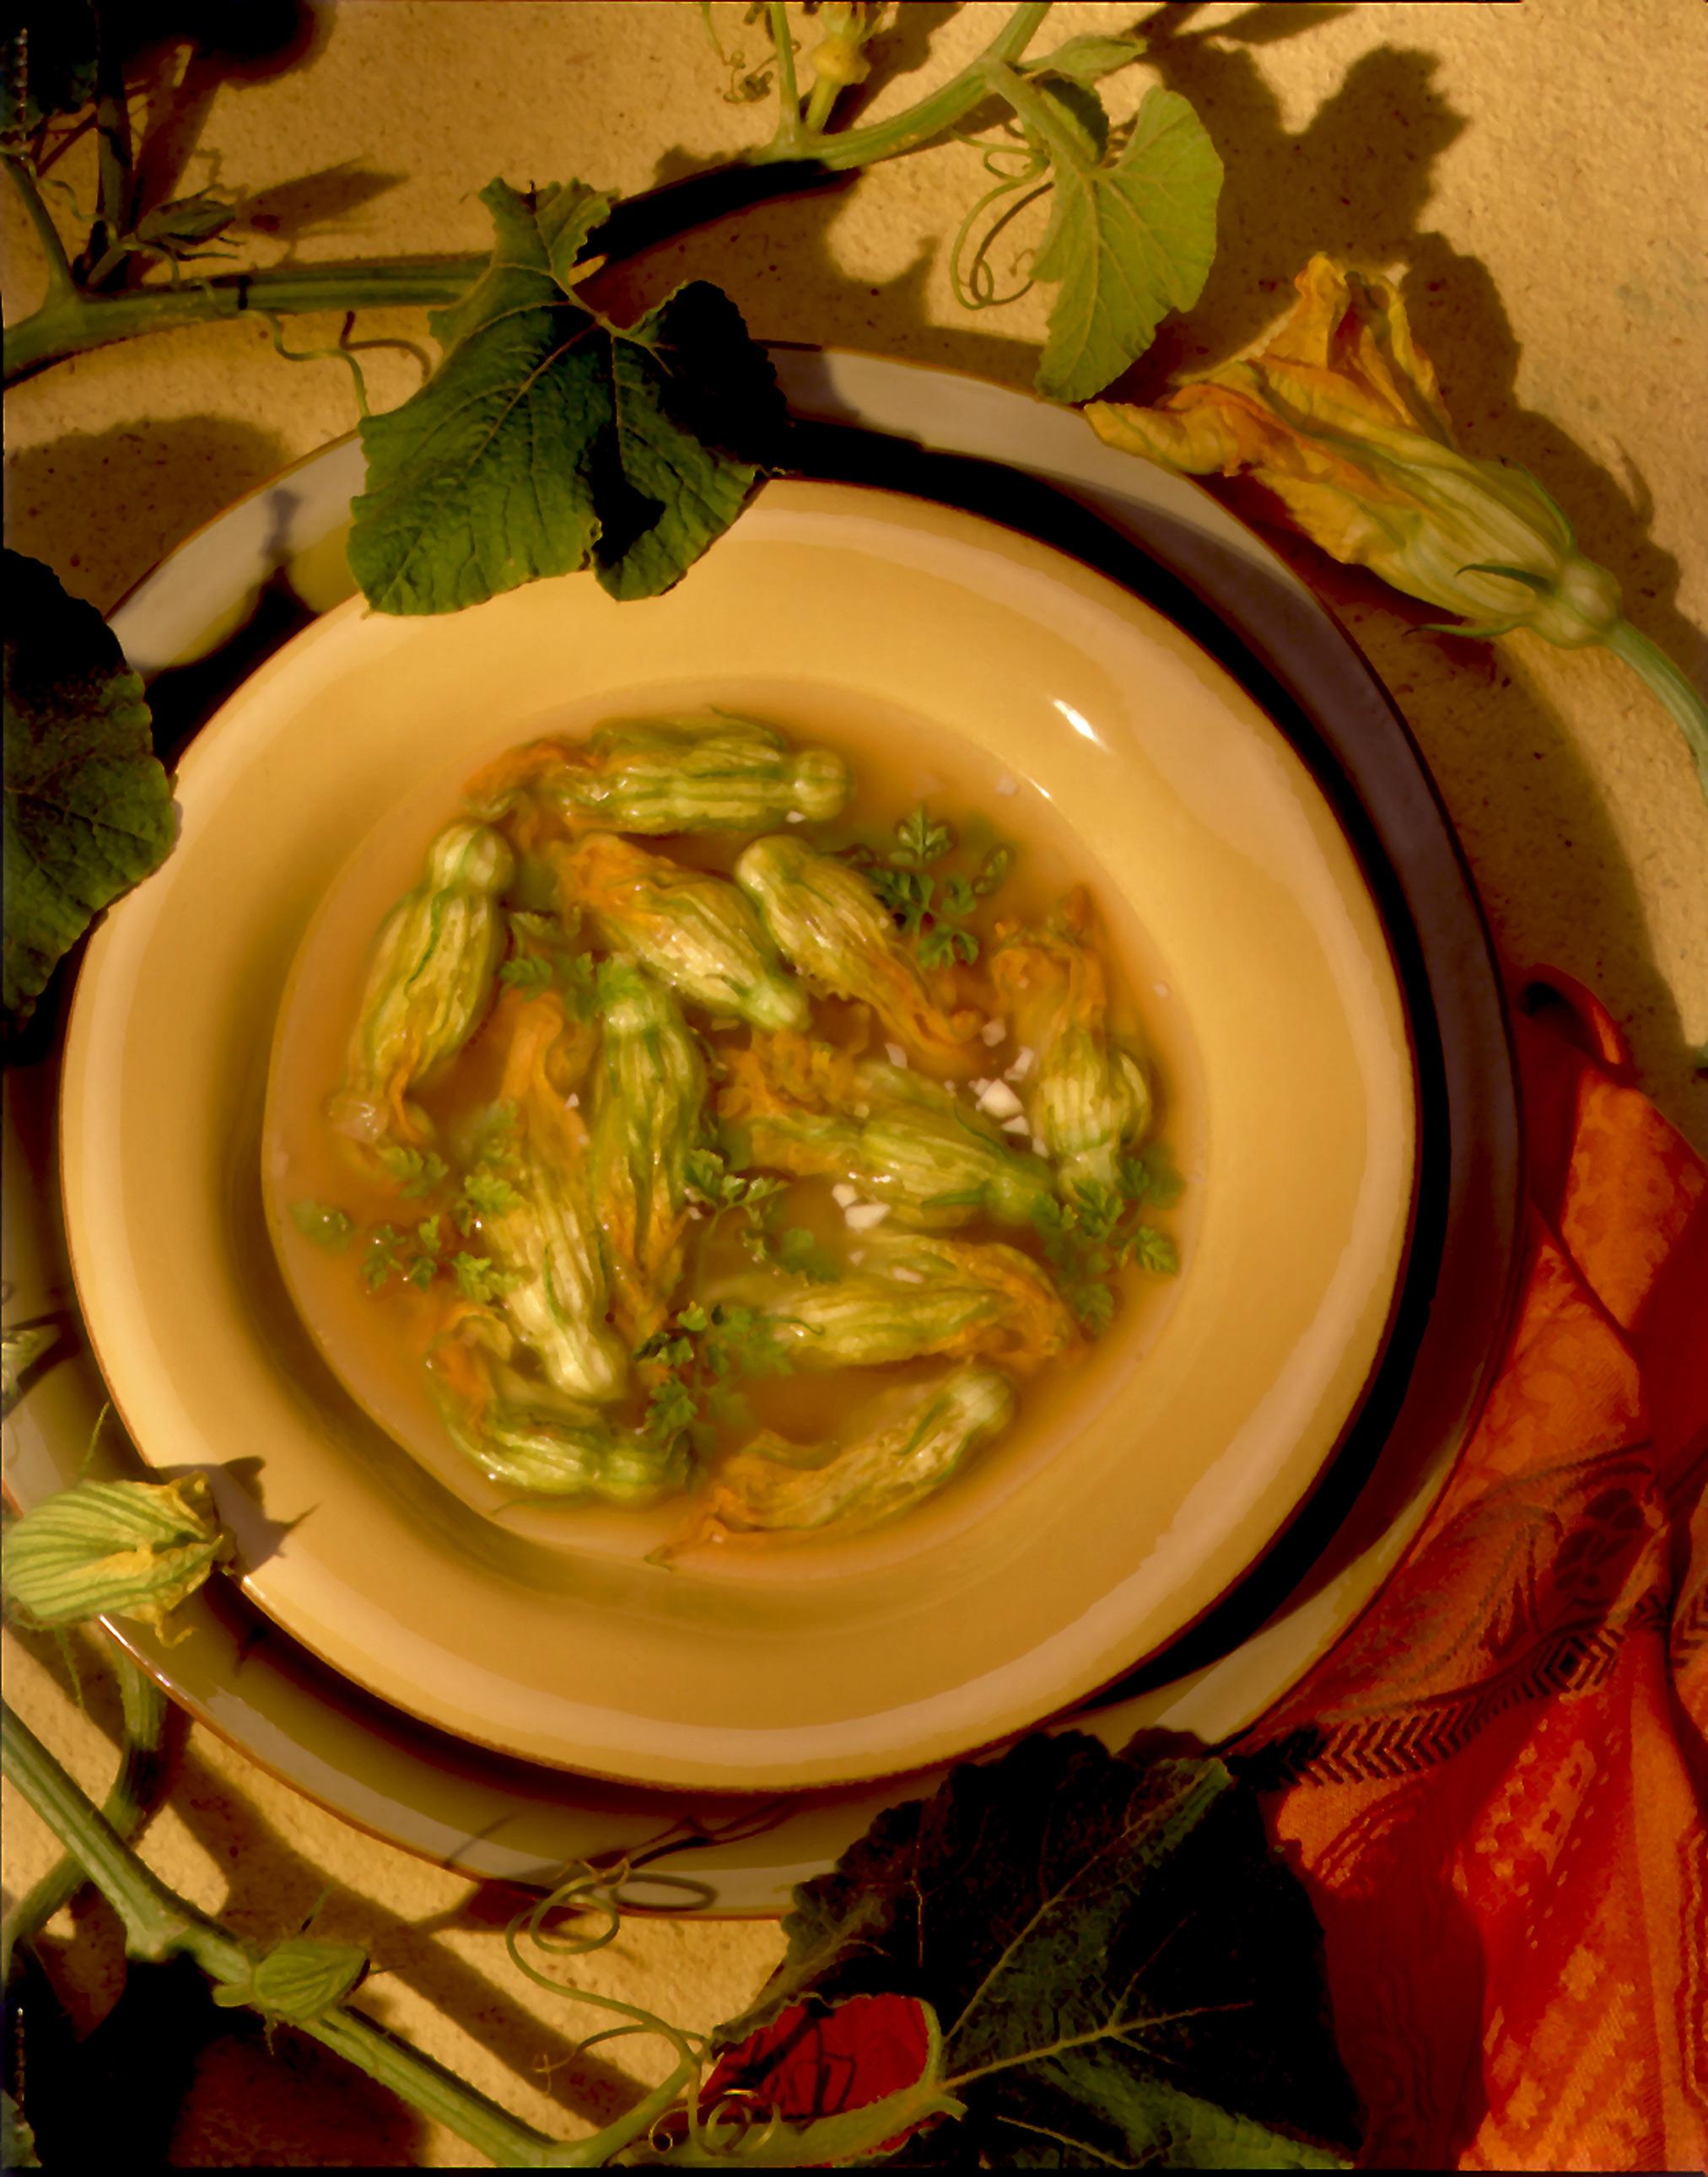 squash_blossom_soup.jpg